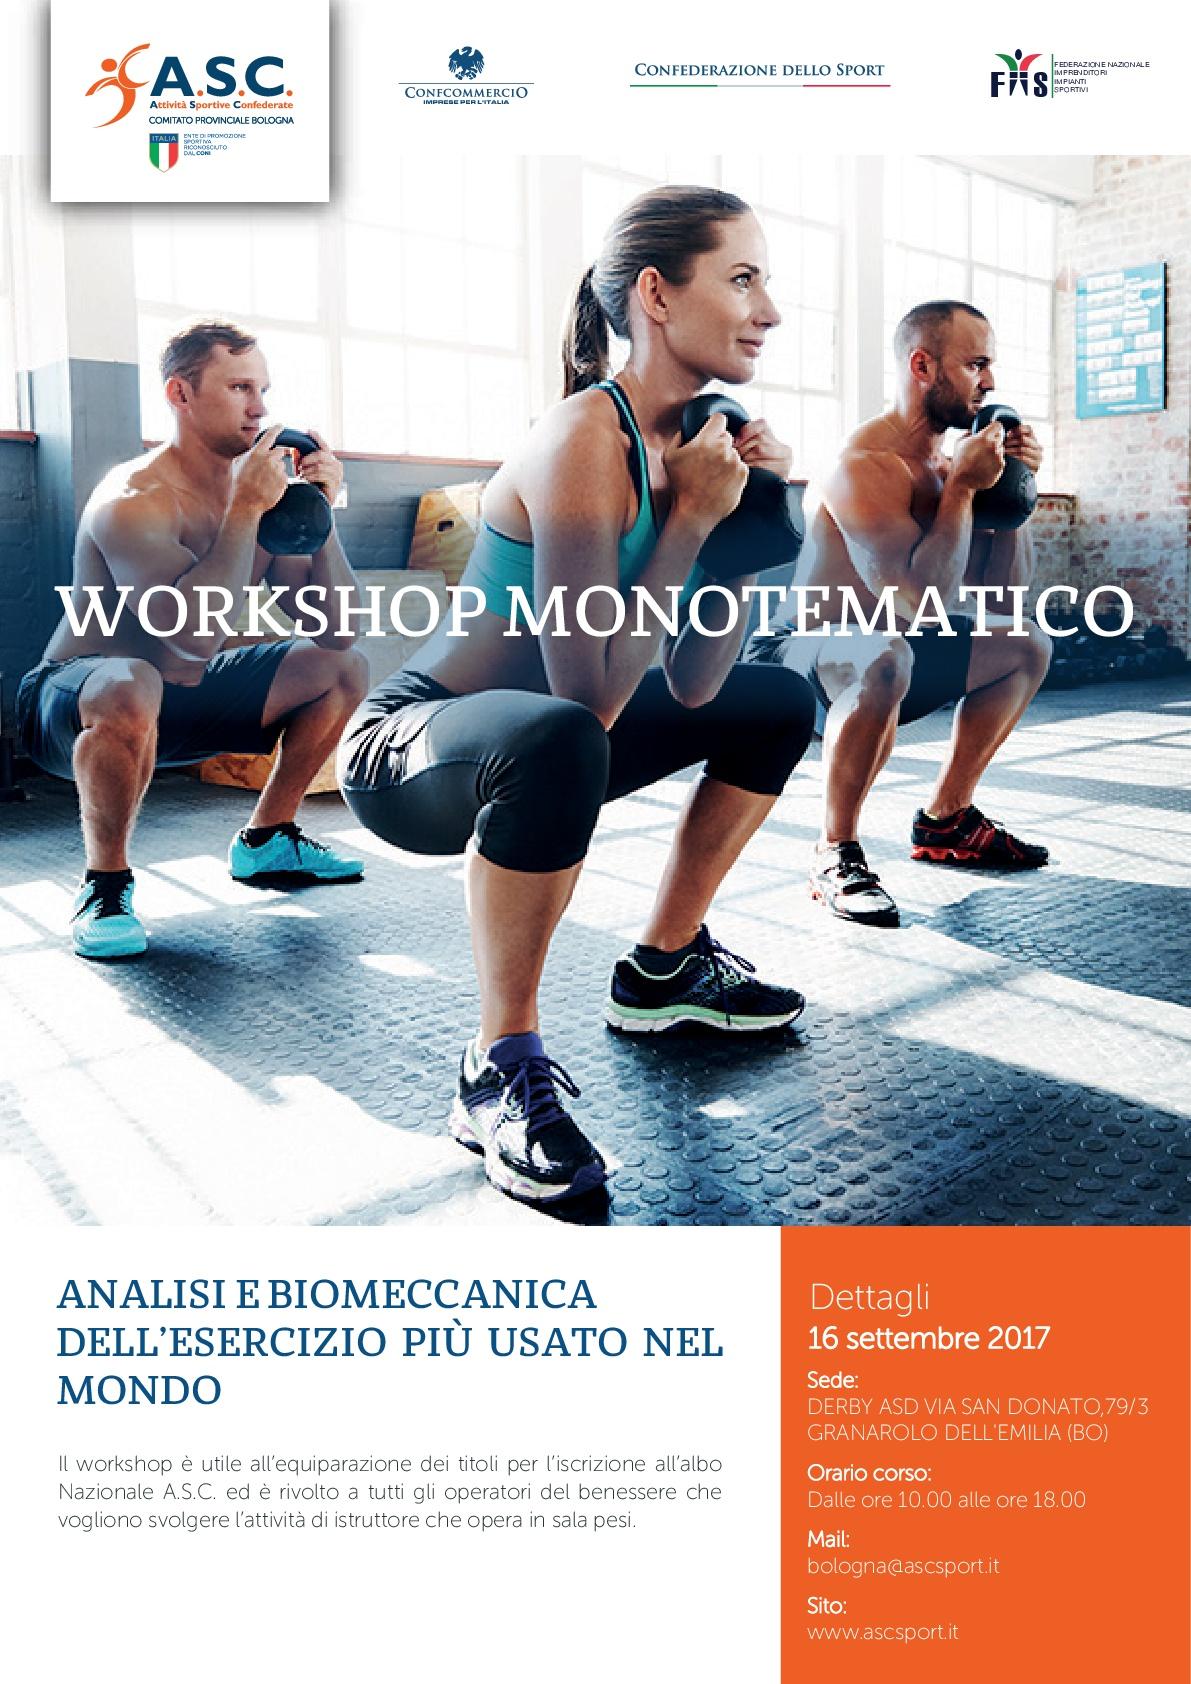 FLEXIBILITY AND MOBILITY FOR SQUATTING Analisi e biomeccanica dell   esercizio pi   usato nel mondo